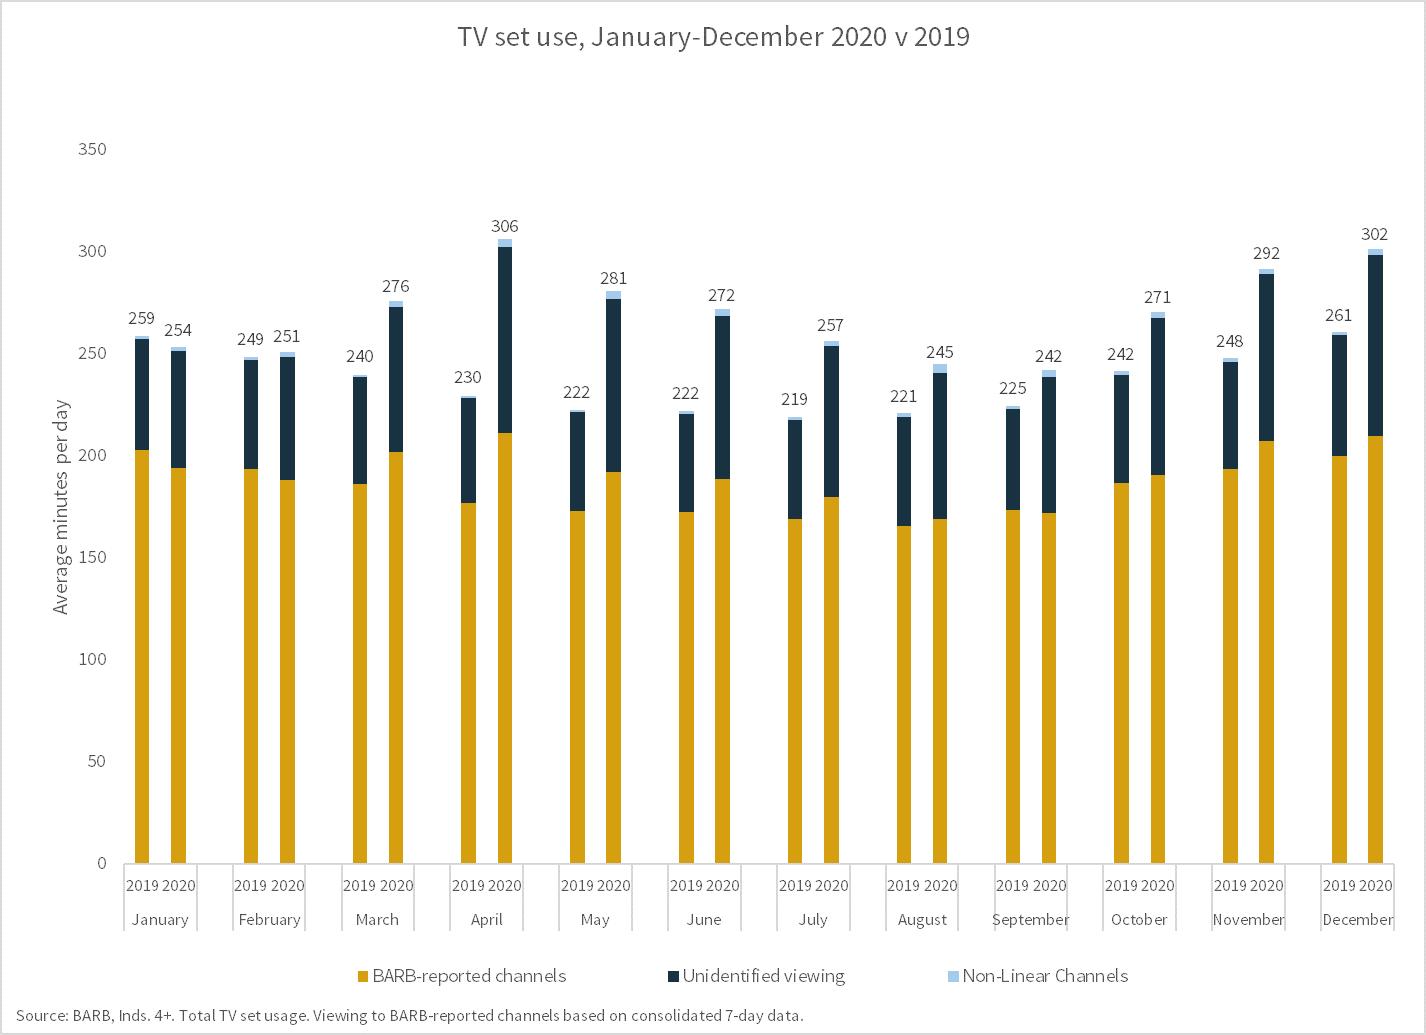 TV set usage